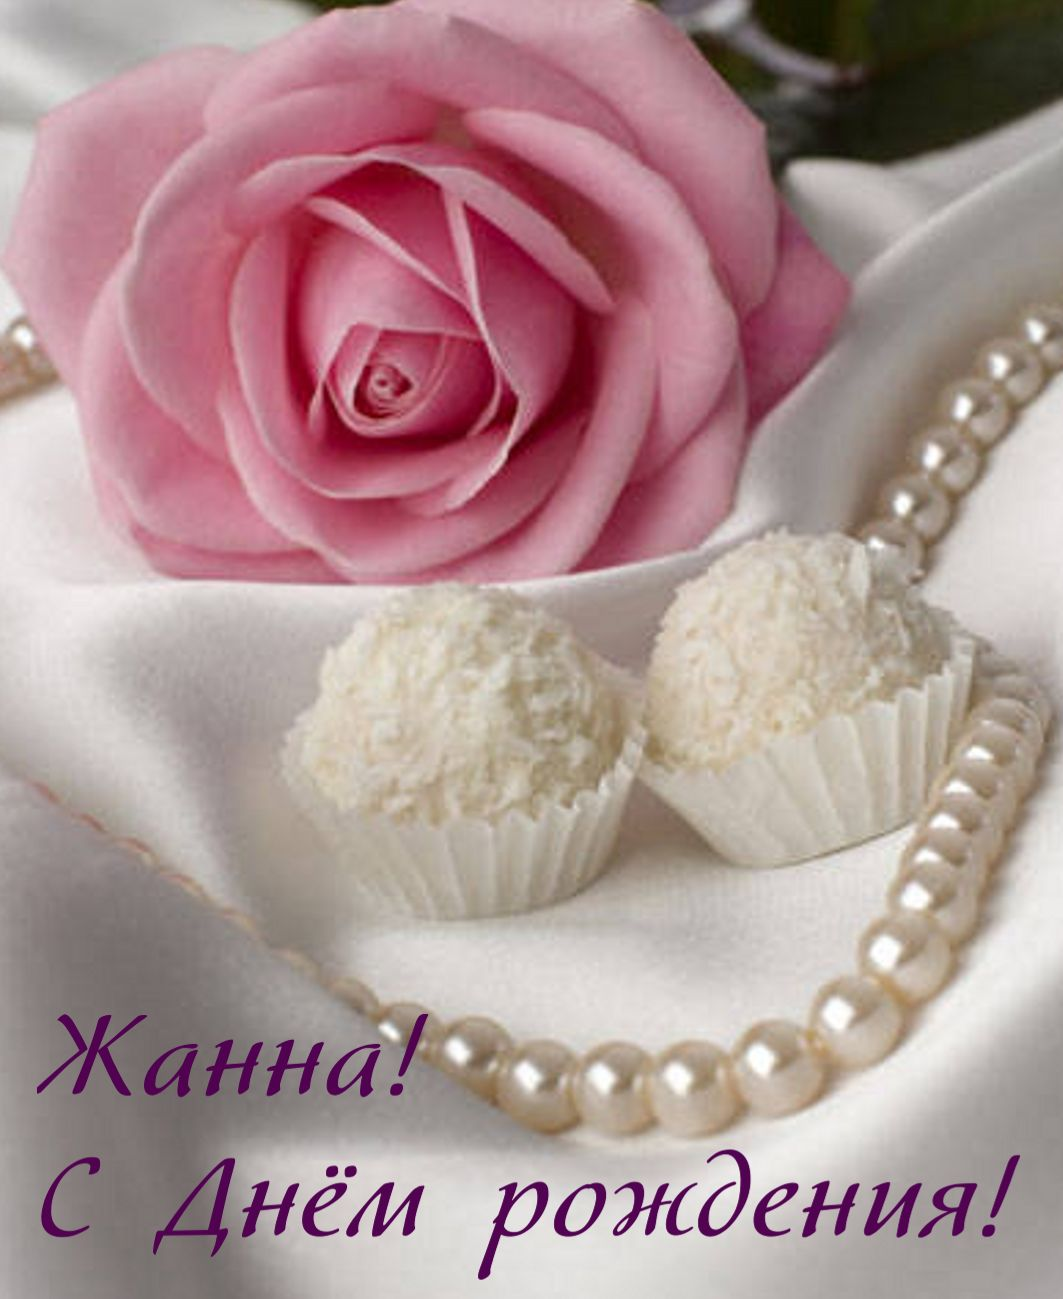 Открытка с розой, жемчугом и конфетами на День рождения Жанне